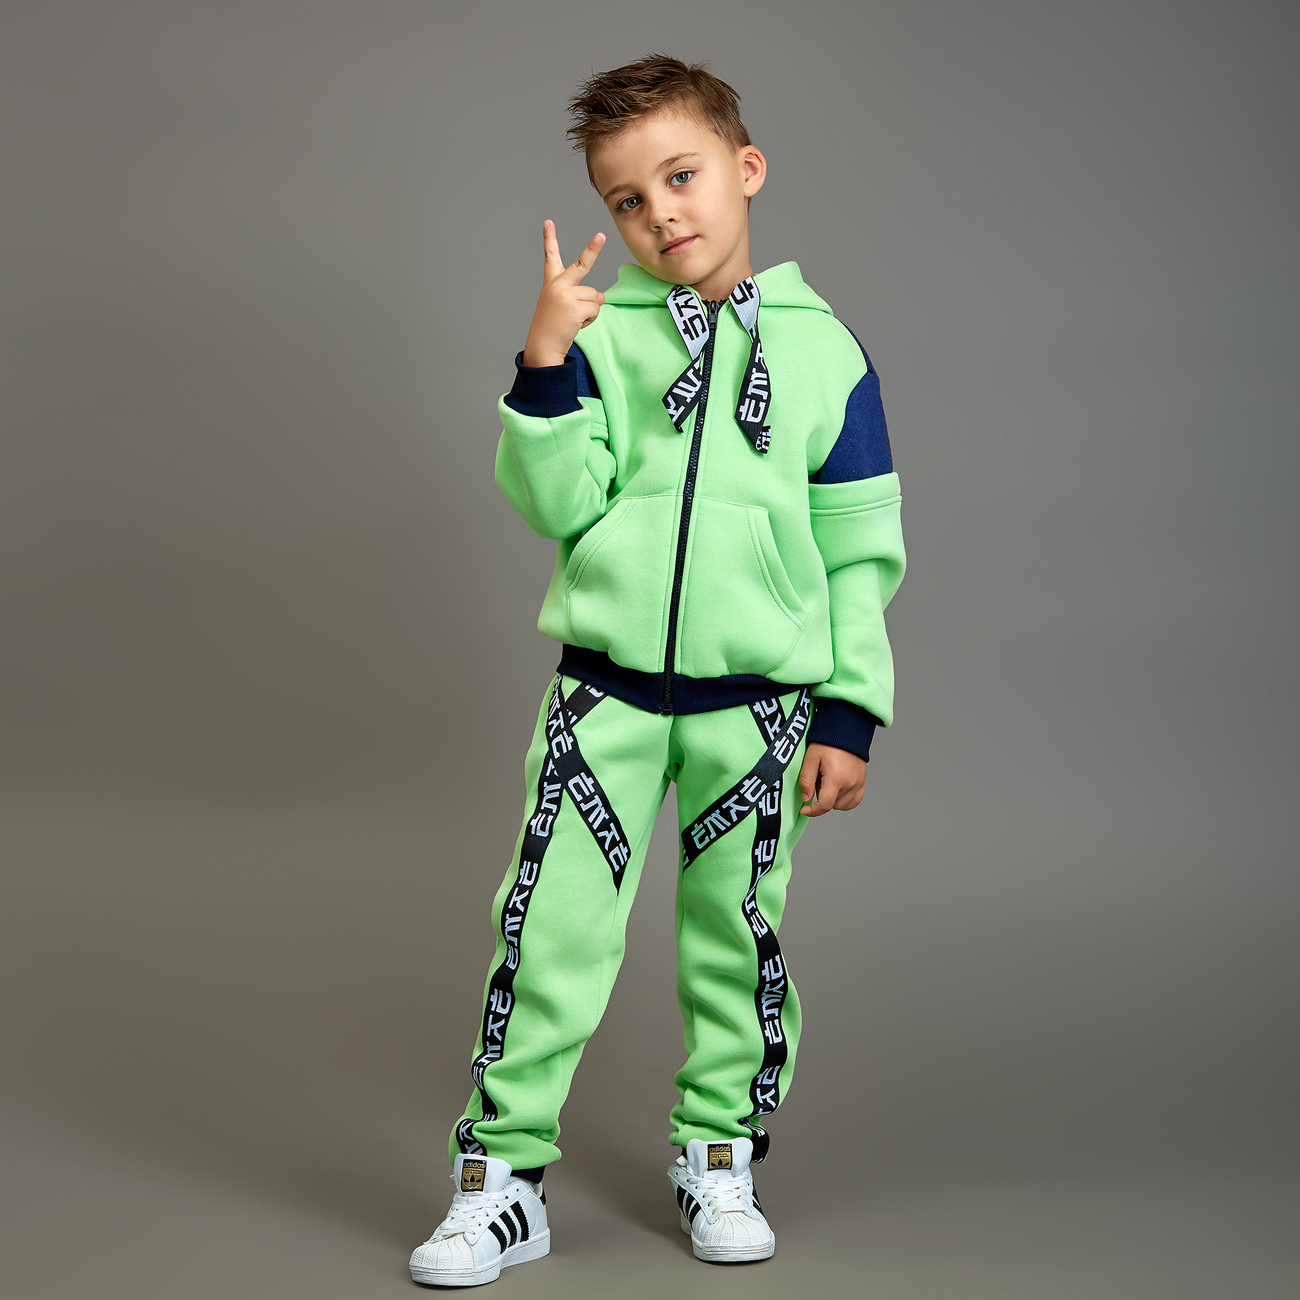 Спортивная одежда для мальчиков: удобство, практичность и стиль